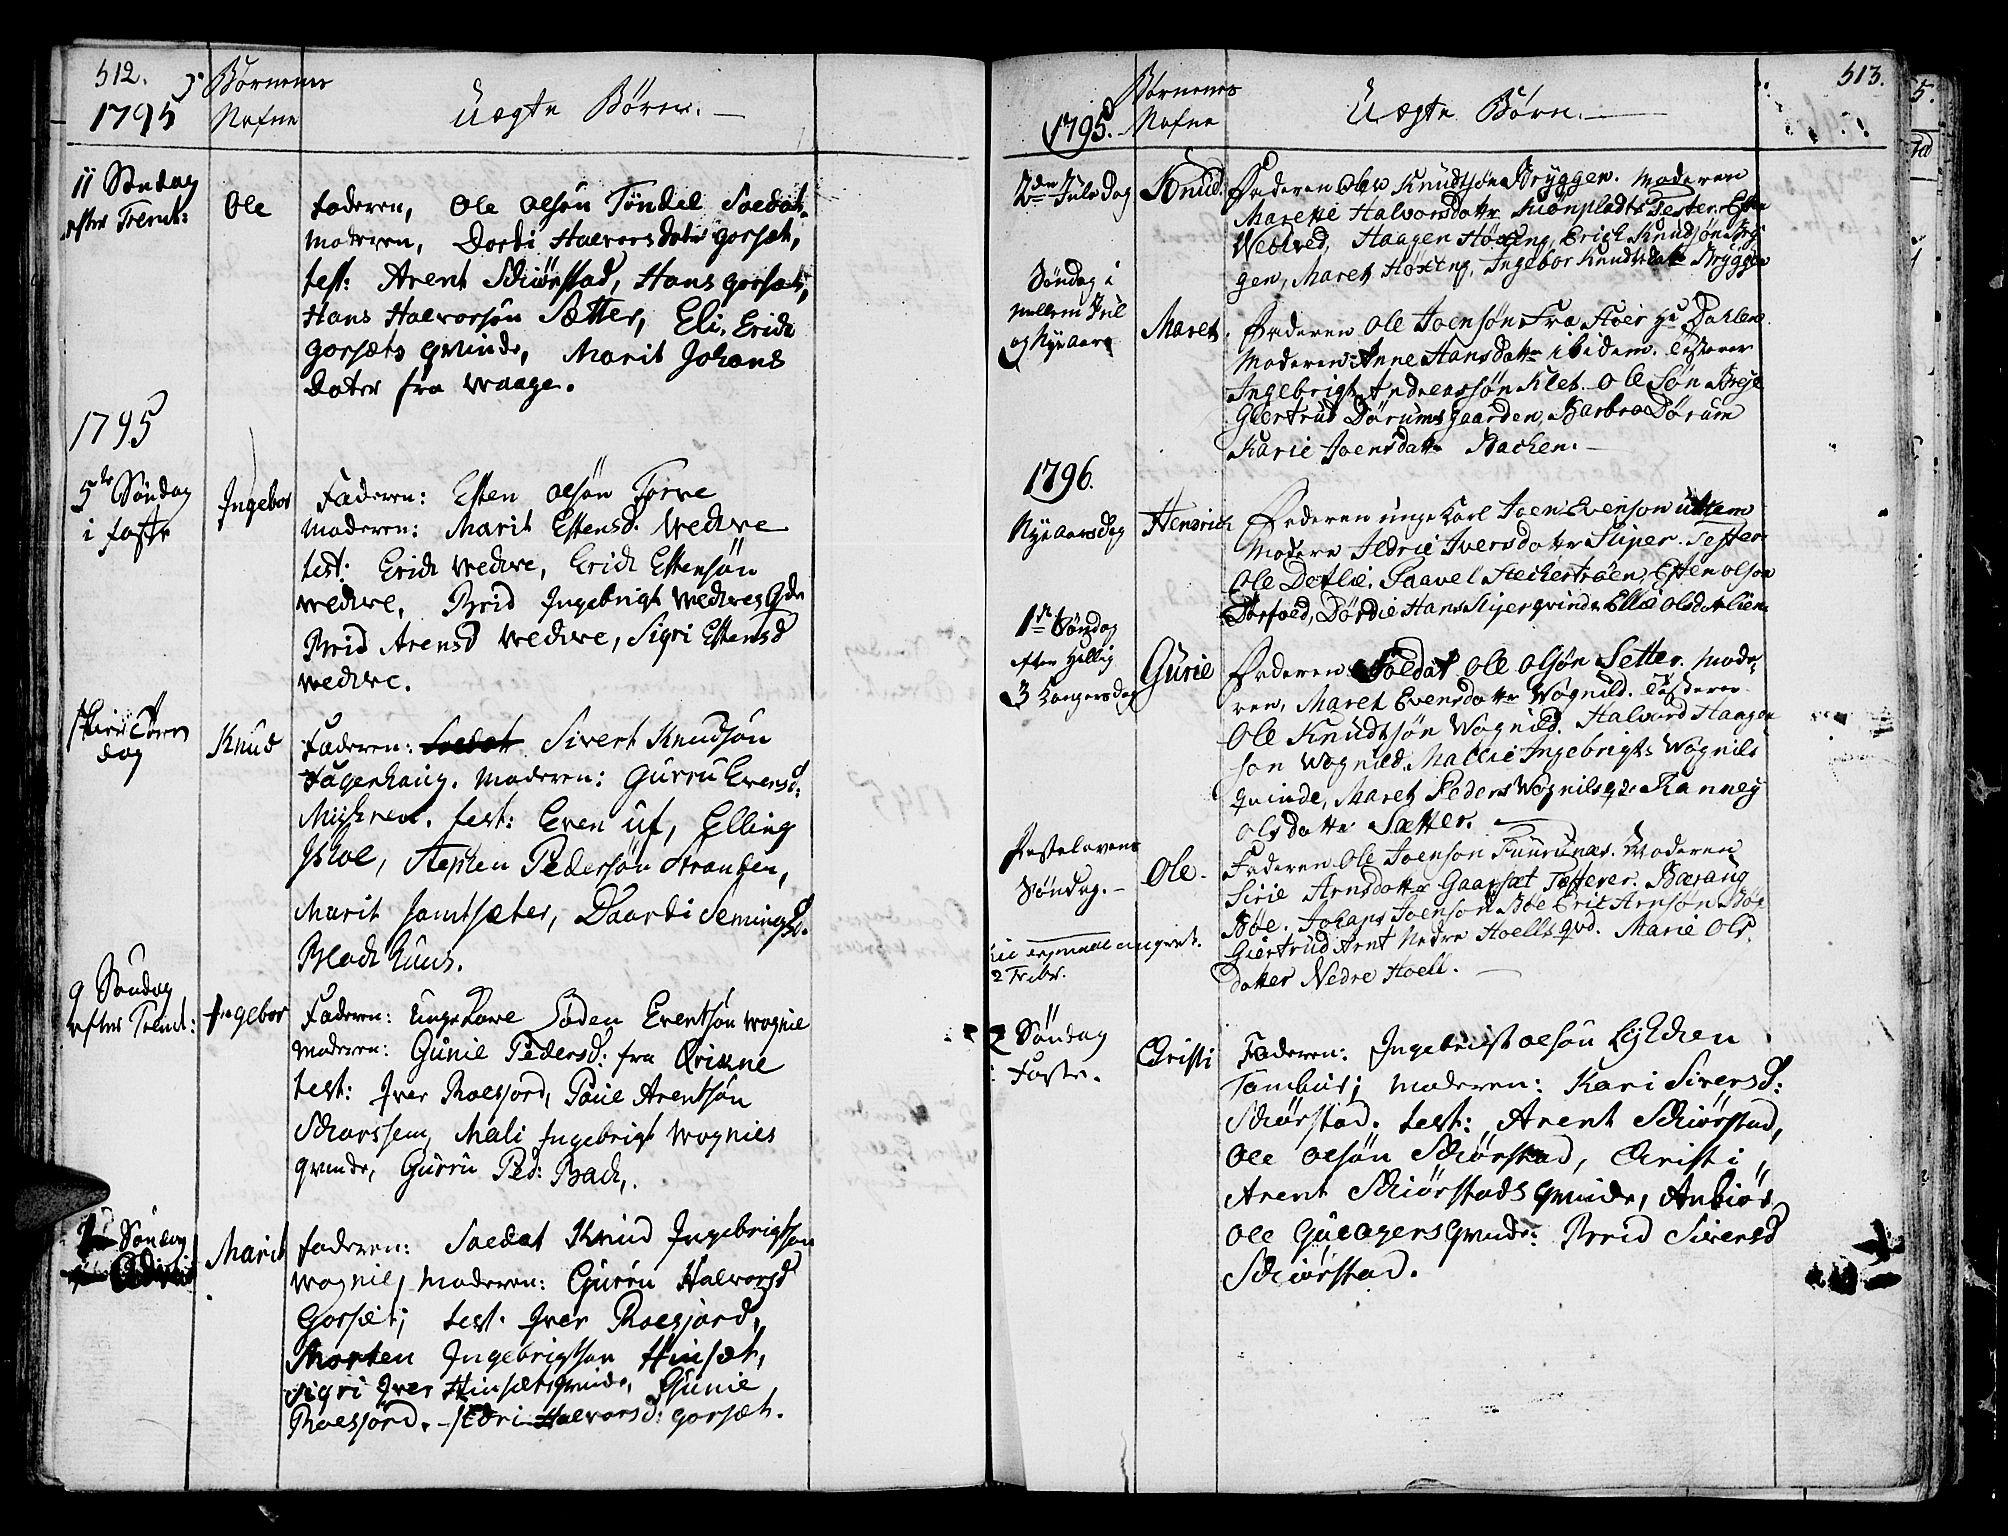 SAT, Ministerialprotokoller, klokkerbøker og fødselsregistre - Sør-Trøndelag, 678/L0893: Ministerialbok nr. 678A03, 1792-1805, s. 512-513